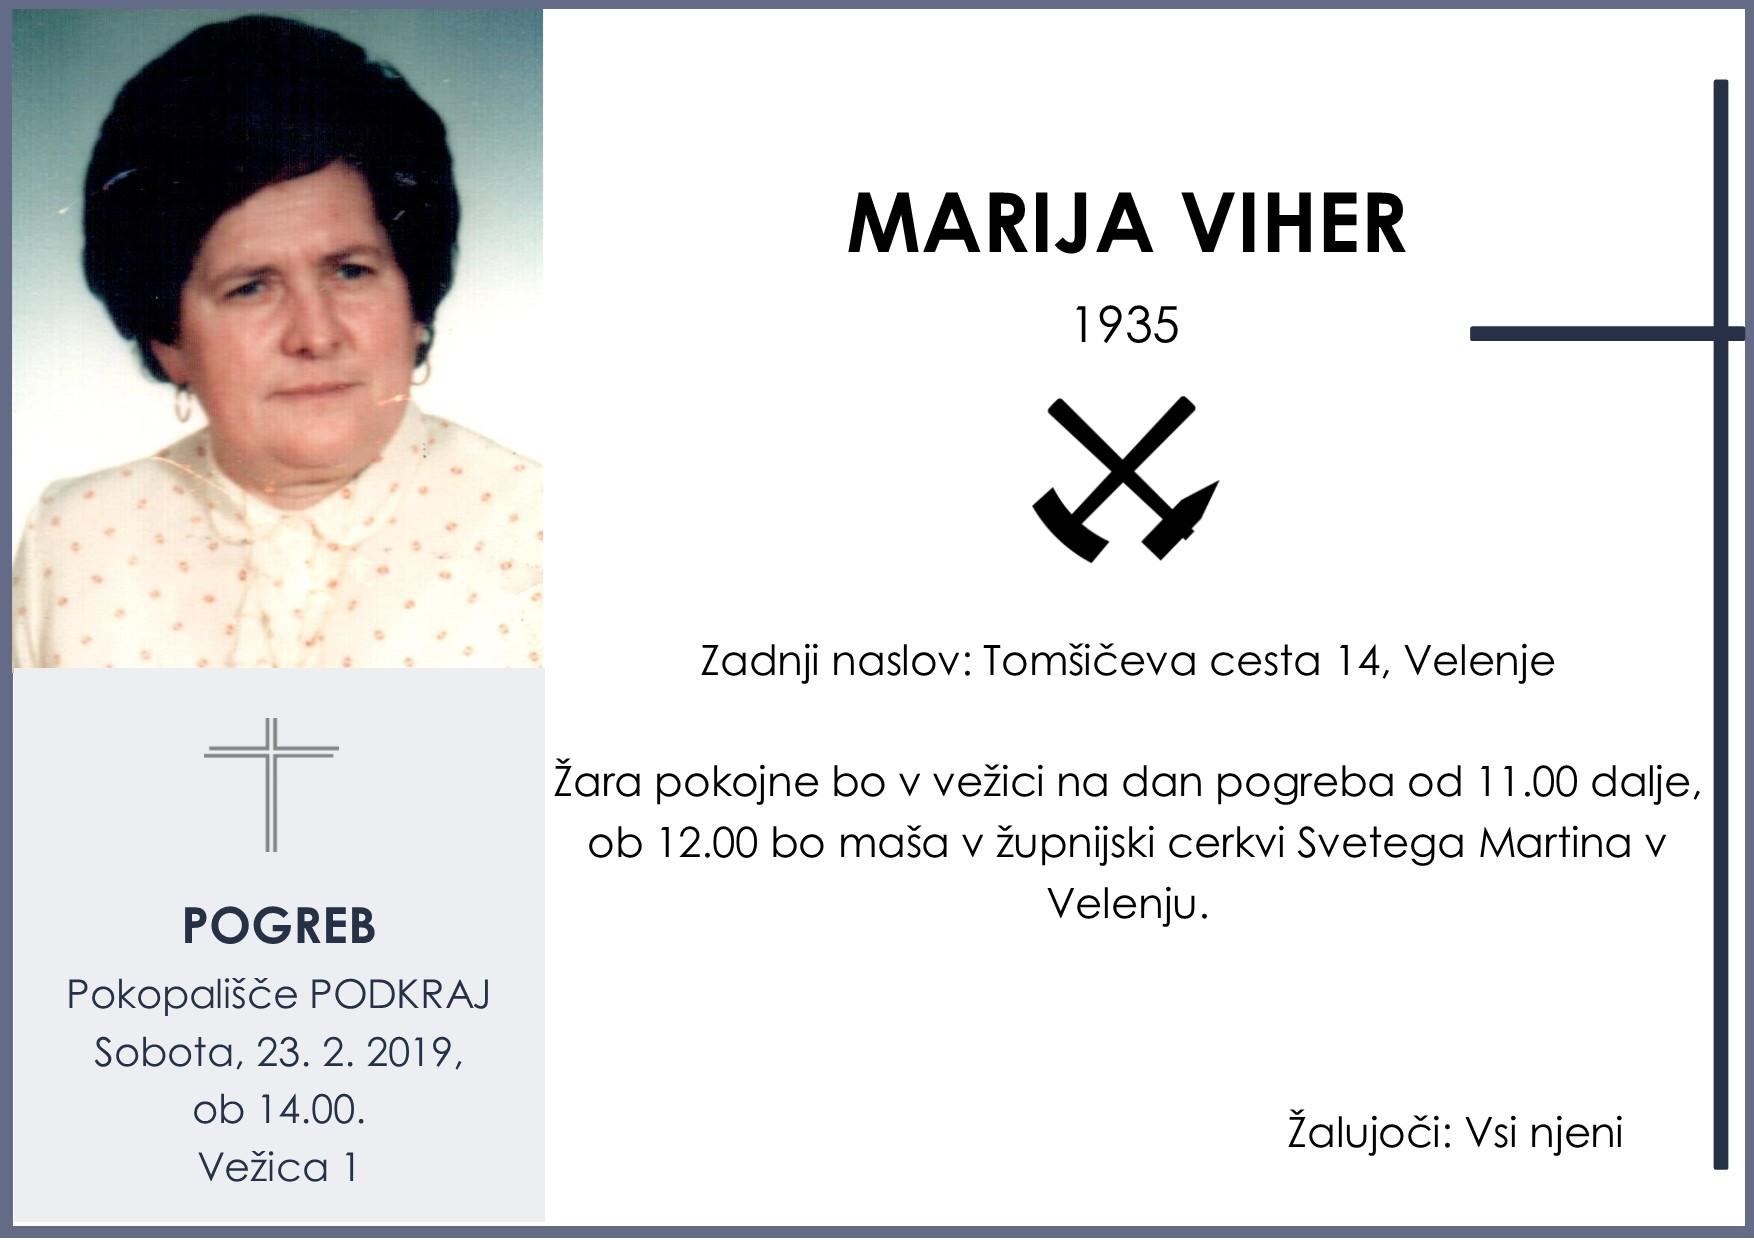 MARIJA VIHER, Podkraj, 23. 02. 2019